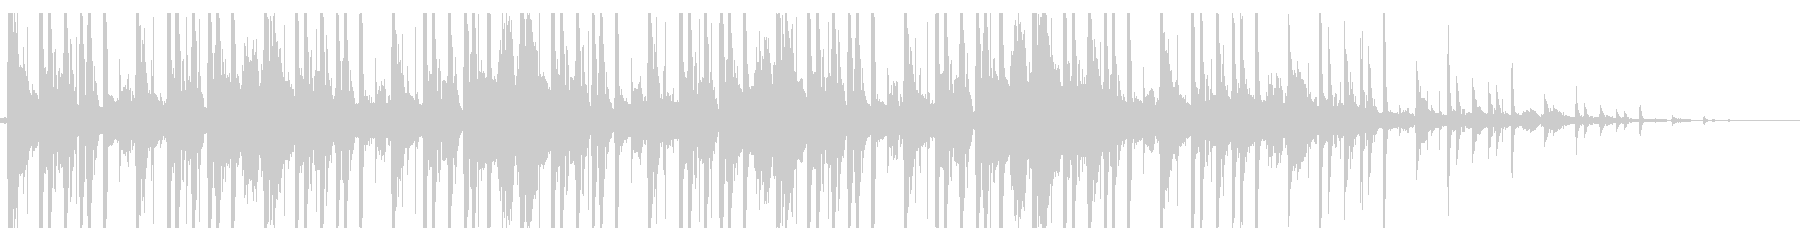 ローファイ/Hiphop_No382_3の未再生の波形